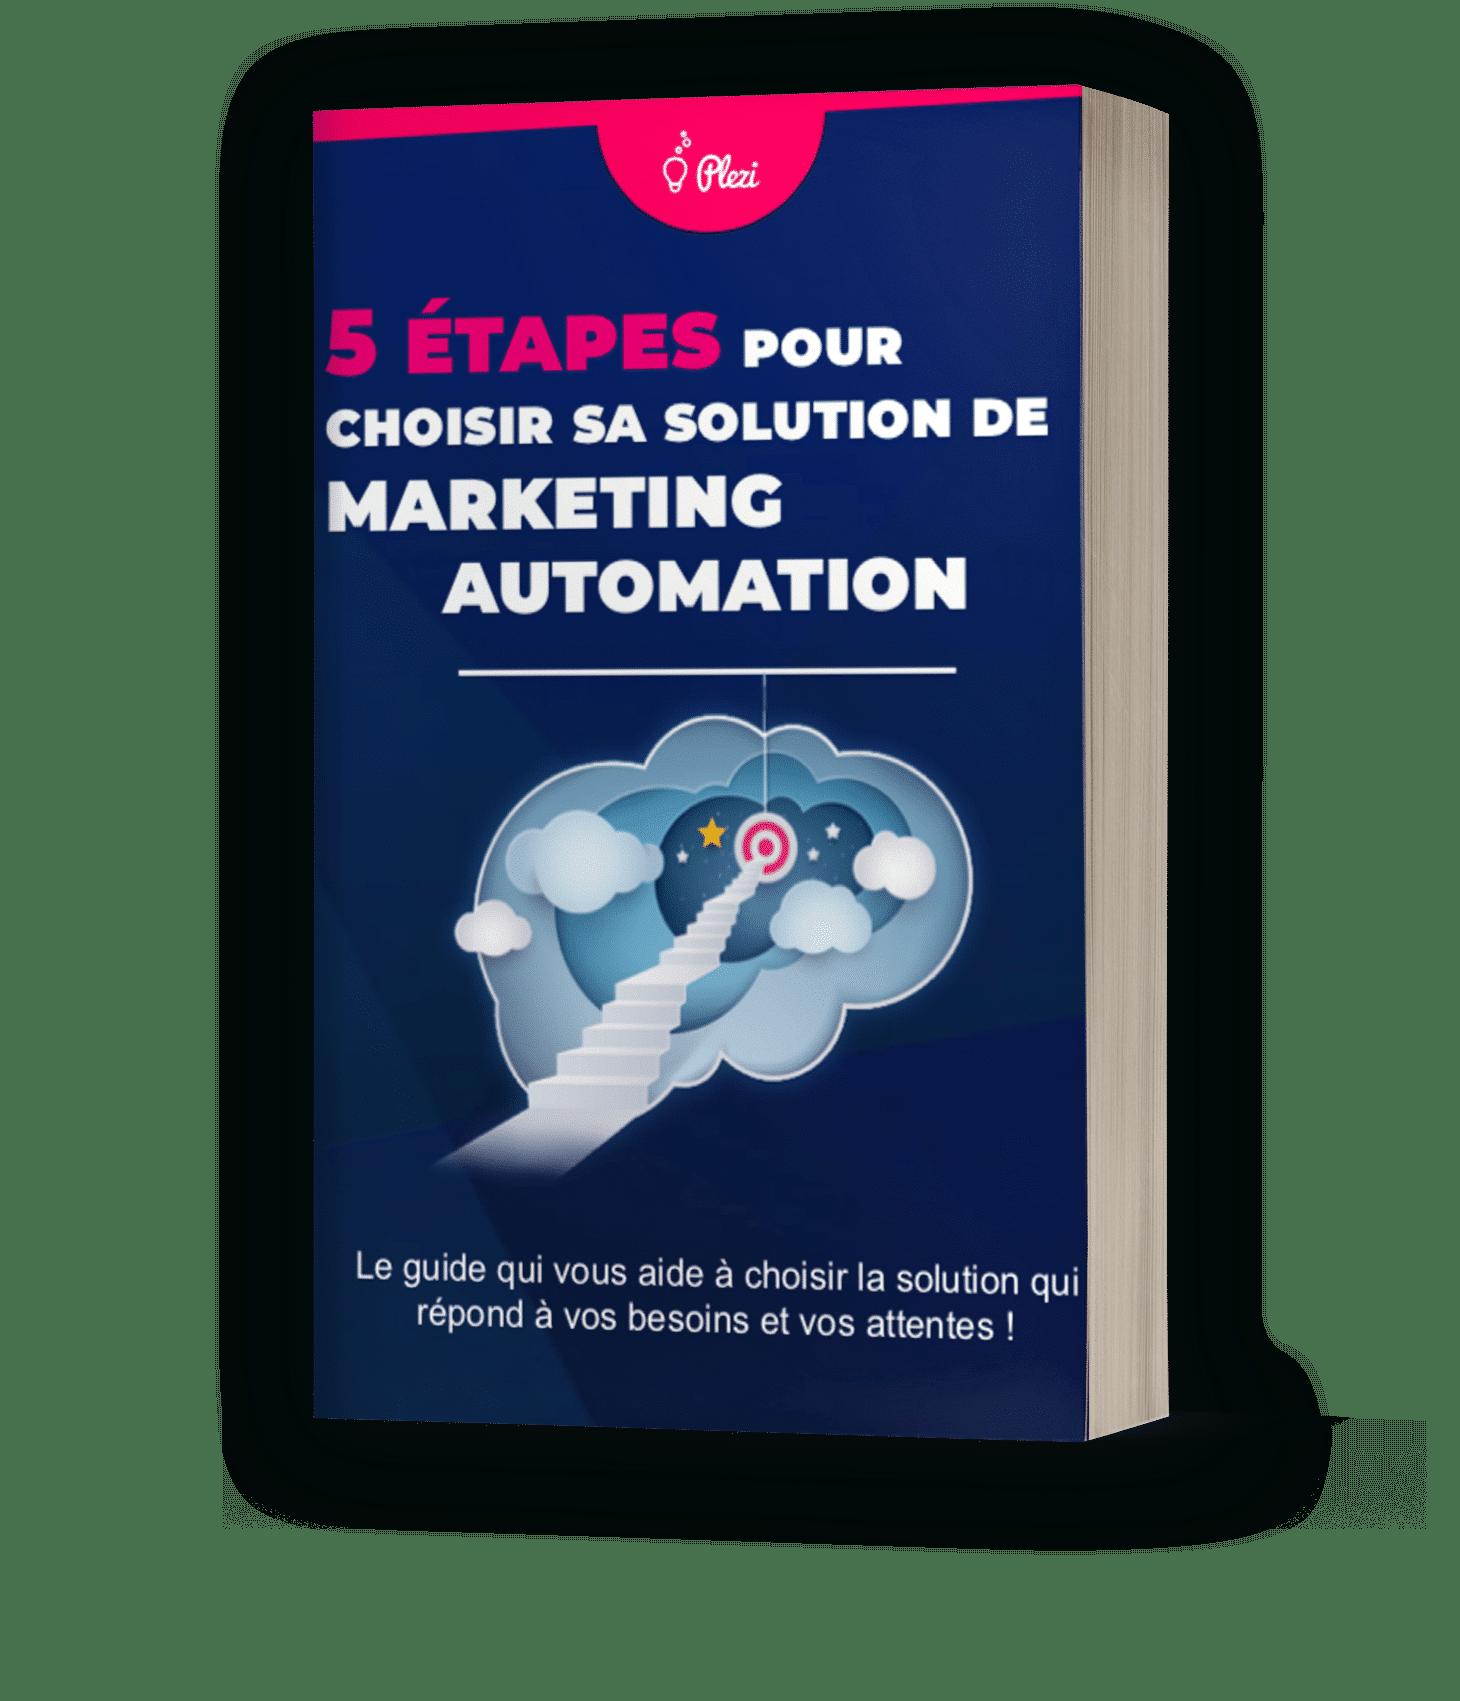 5 etapes pour choisir sa solution de marketing automation